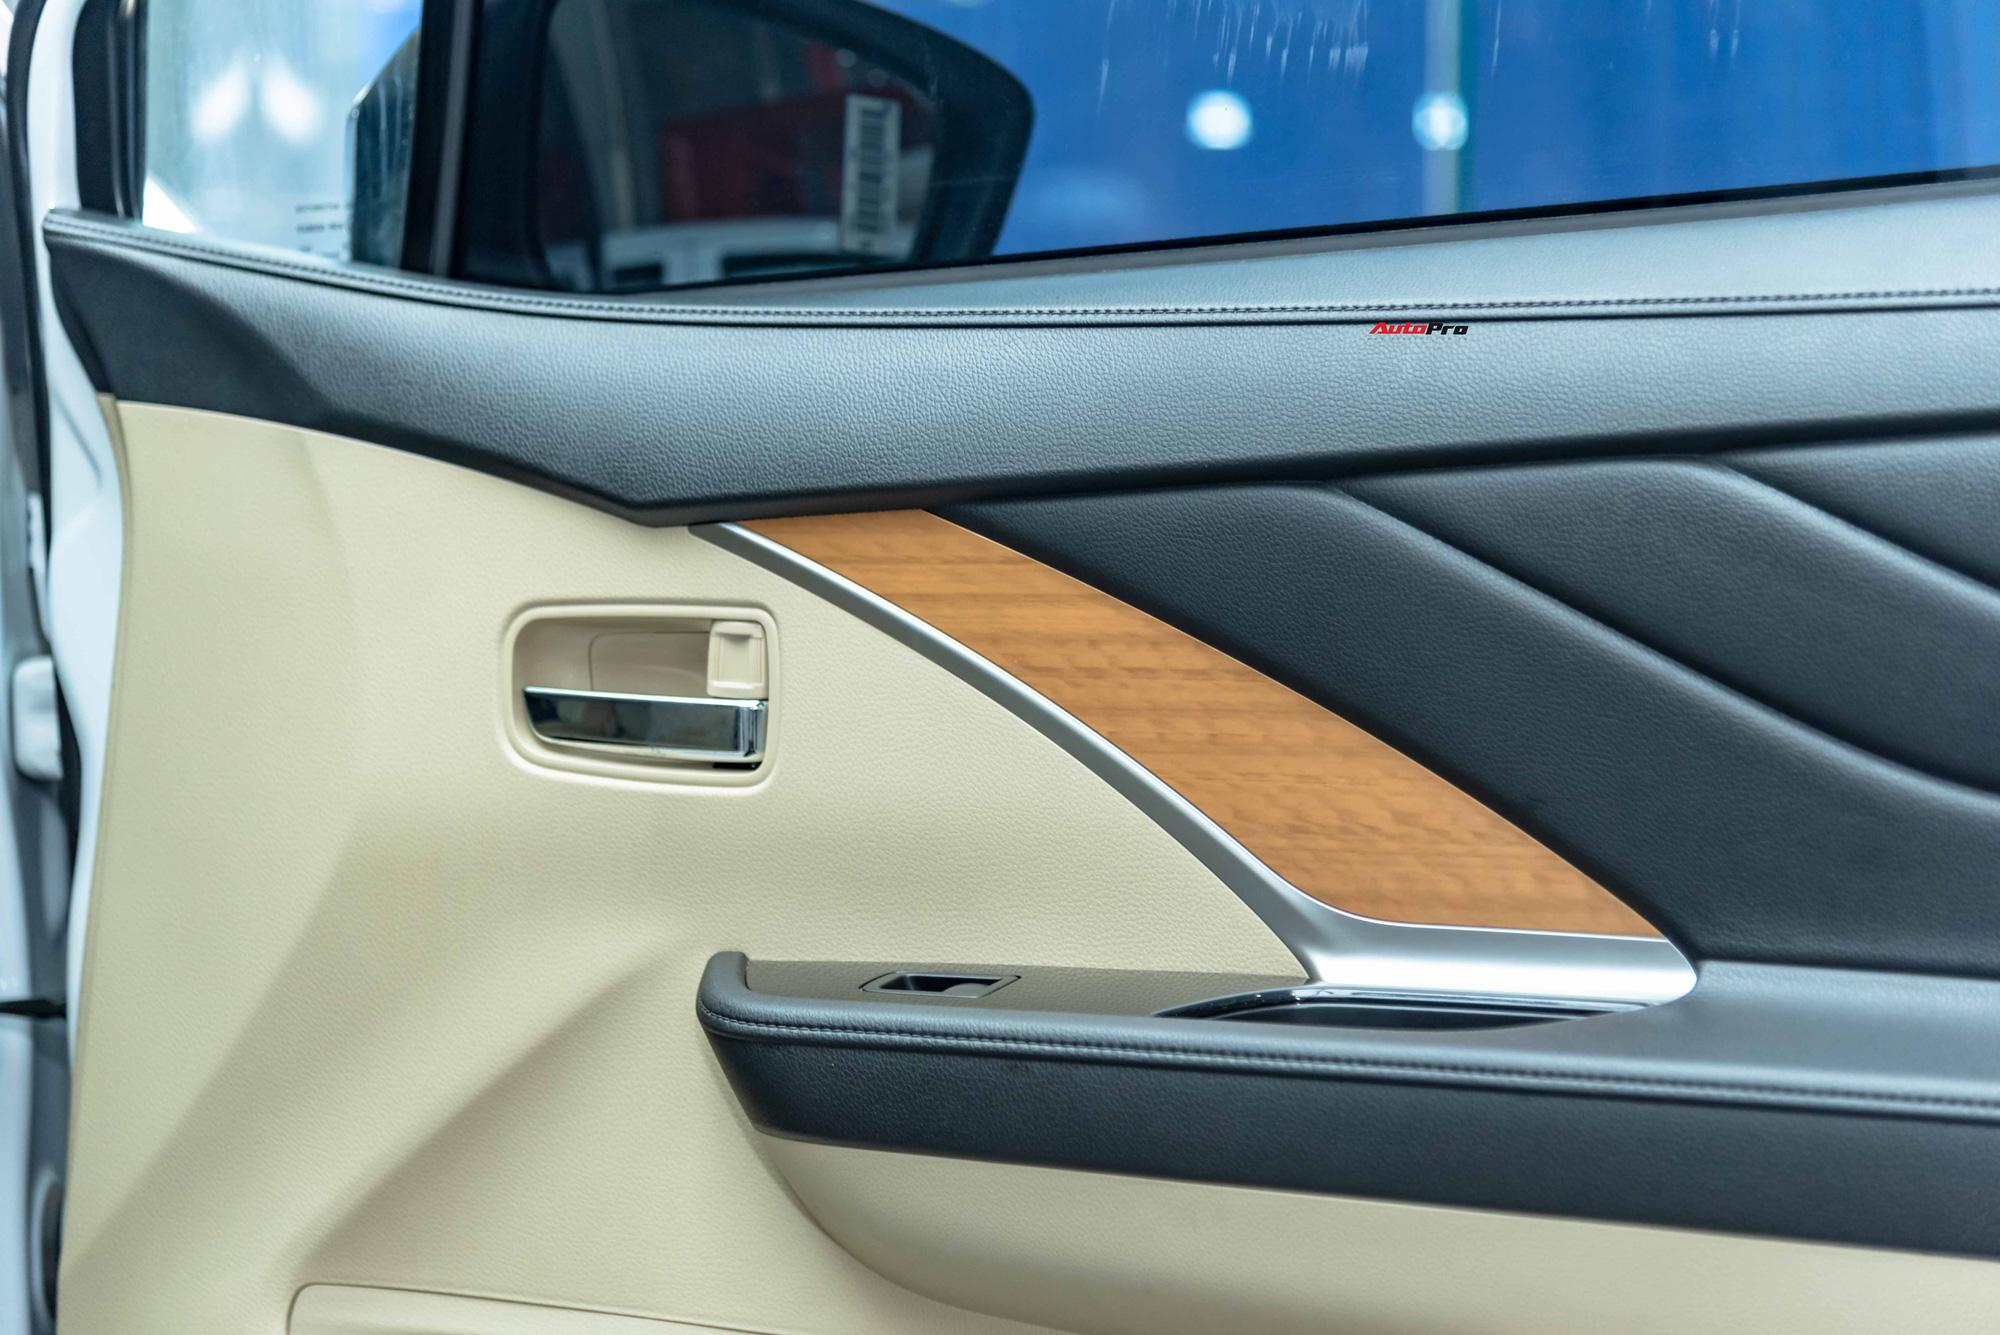 Ra mắt Mitsubishi Xpander 2020: Đánh giá 8 điểm mới, tăng 10 triệu nhưng tặng lại 10 triệu, rộng đường giữ ngôi vua MPV-17